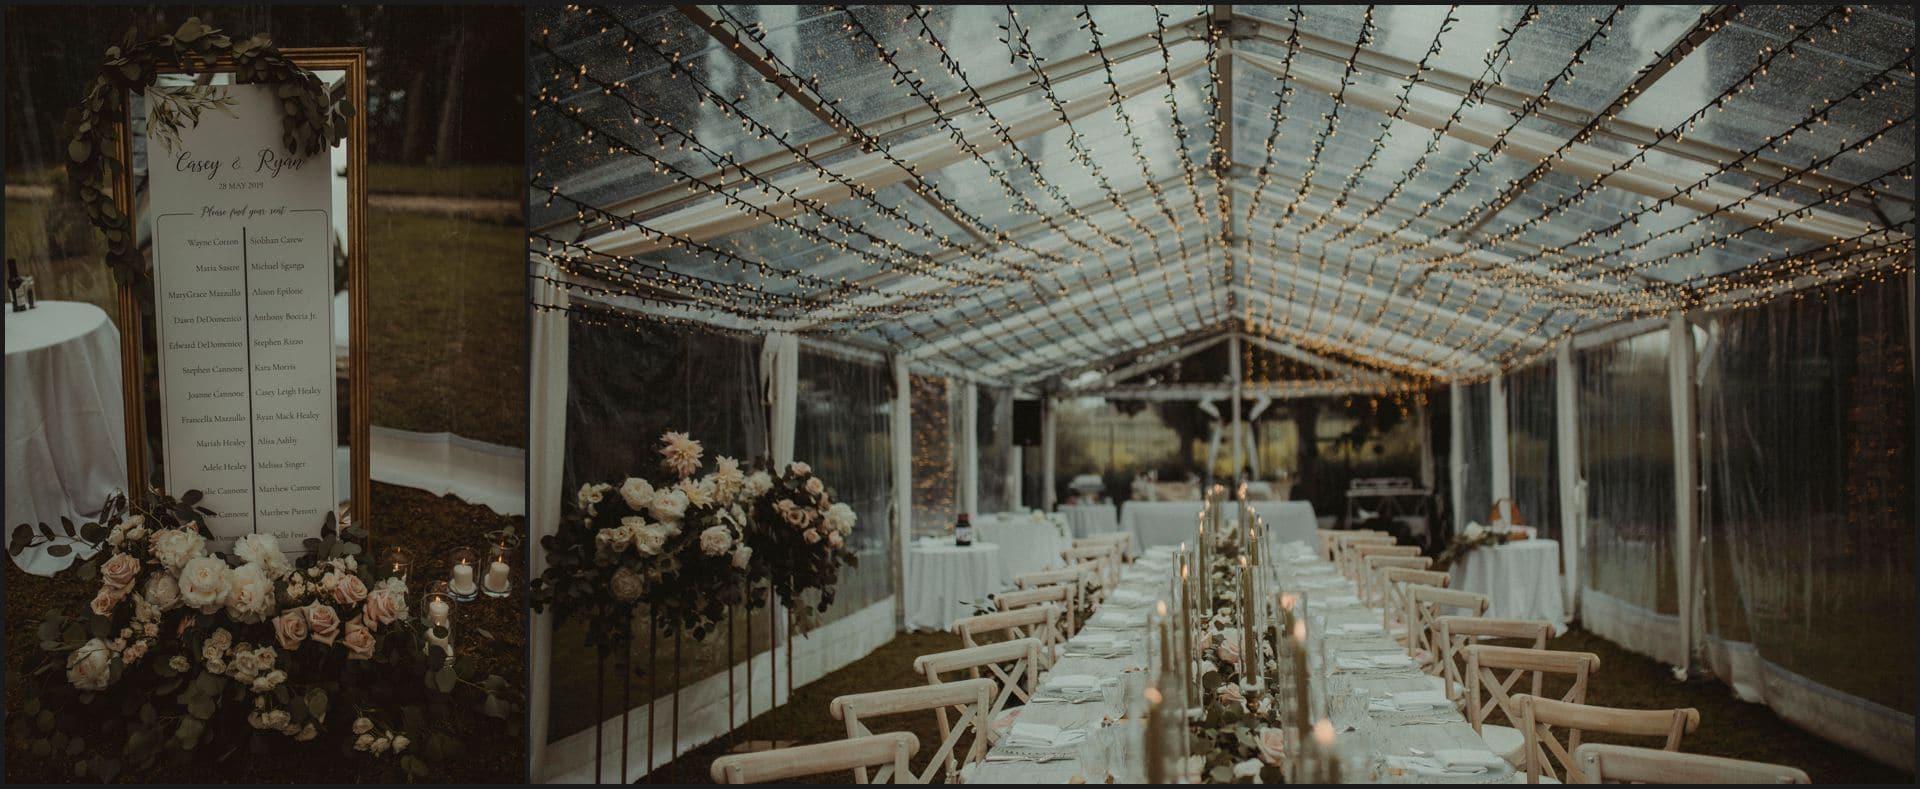 tuscany, destination wedding, chianti, wedding reception